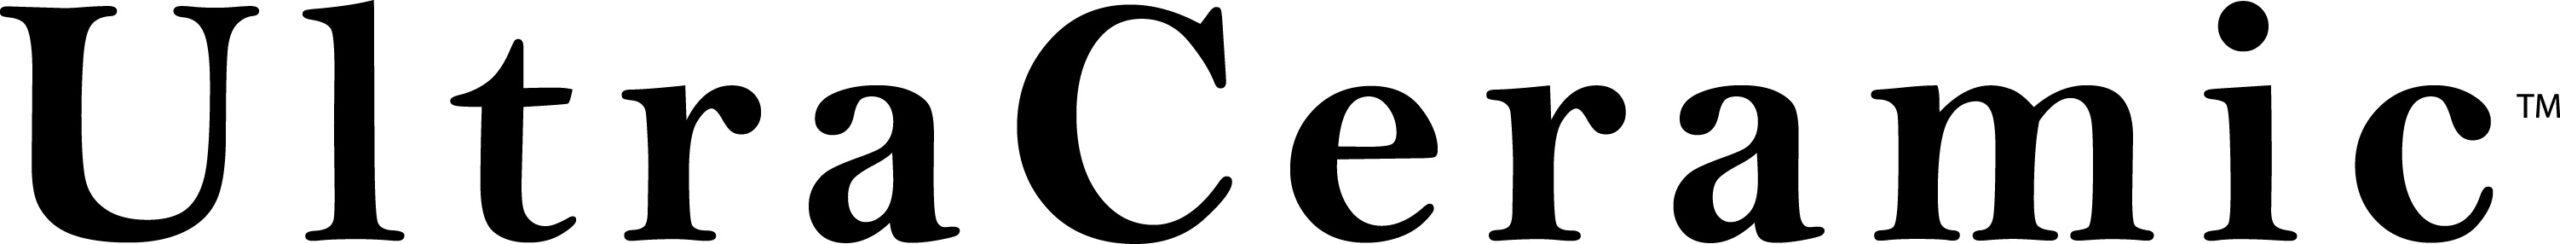 ultra ceramic logo